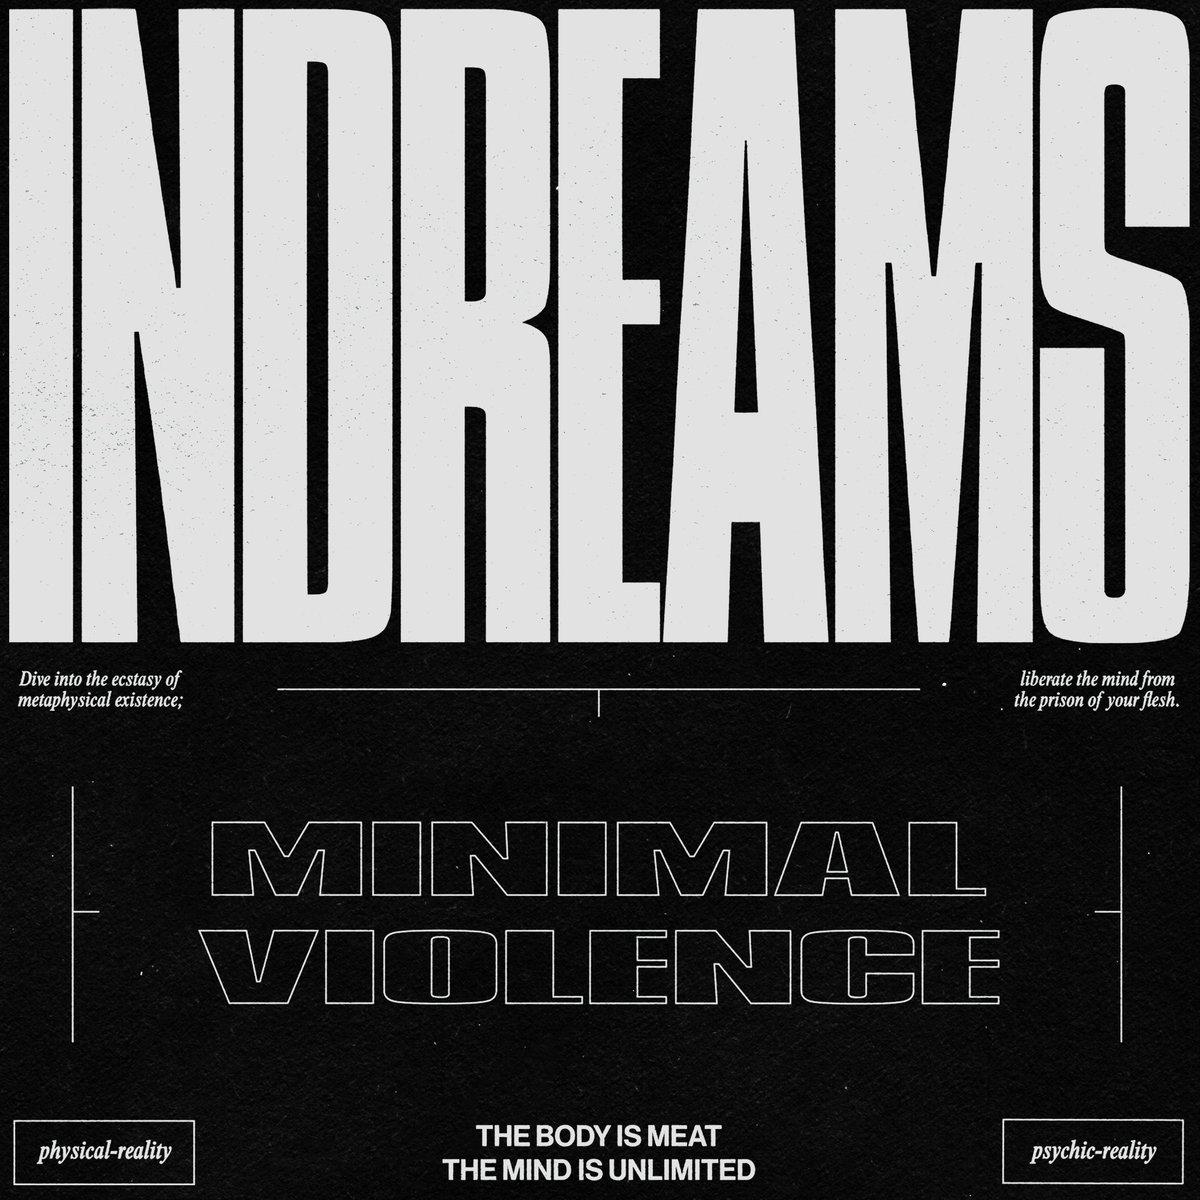 1560369812558-minimal-violence